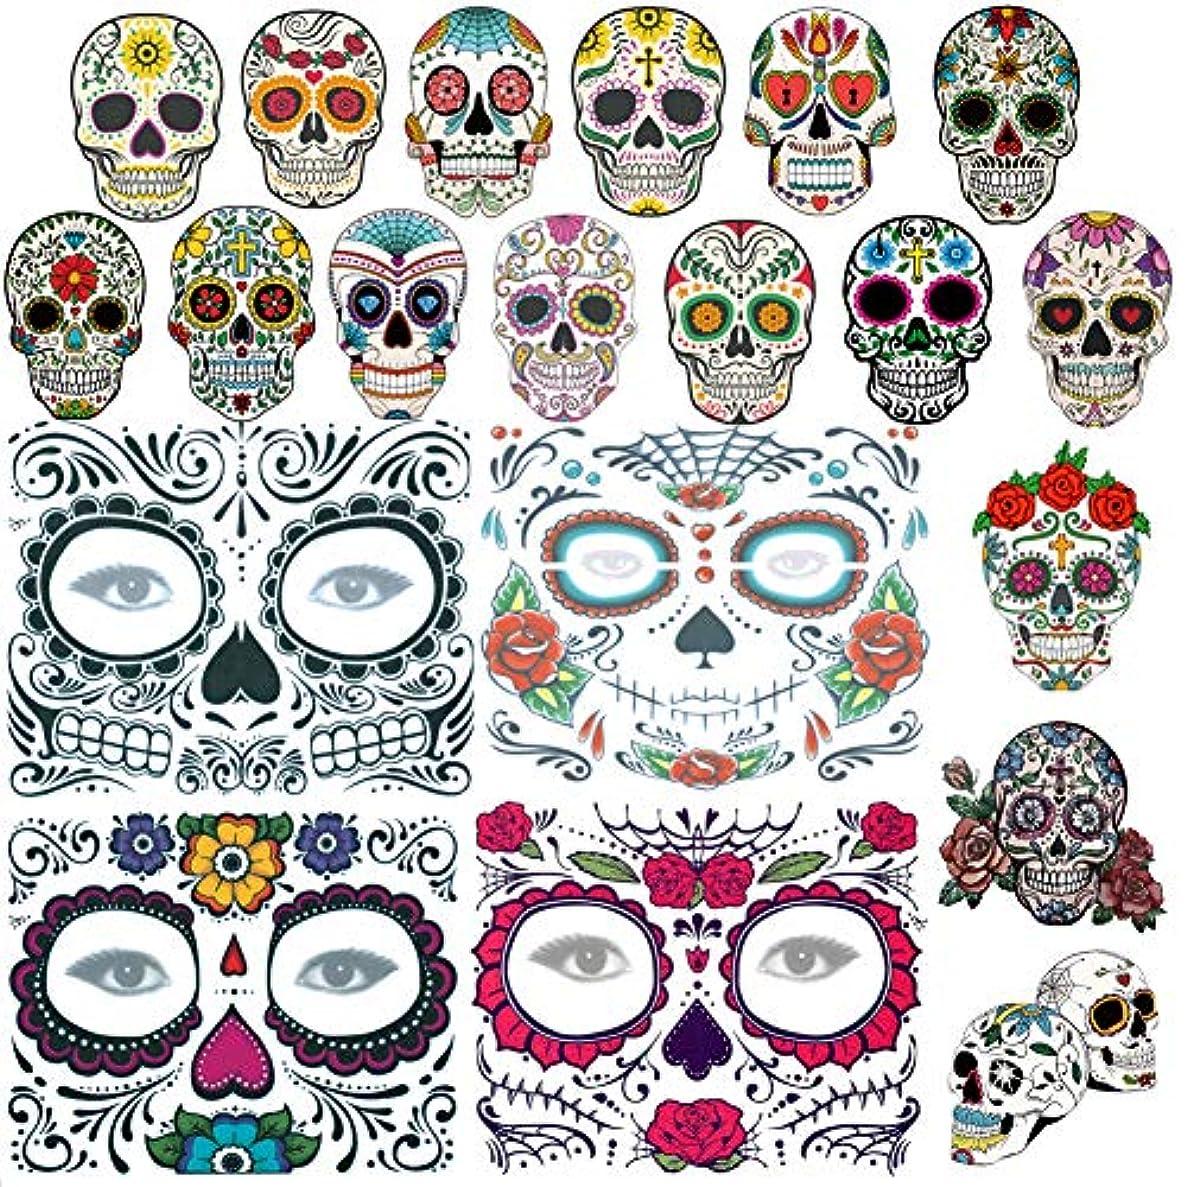 緩める忠実つかの間死者の日,メキシカンスカルマスク,4ピースハロウィンフェイスタトゥー、16個シュガースカルフェイス&ボディータトゥー仮面タトゥーキットハロウィーンメイクアップタトゥーキット女性男性大人子供ハロウィーンクリスマスパーティー